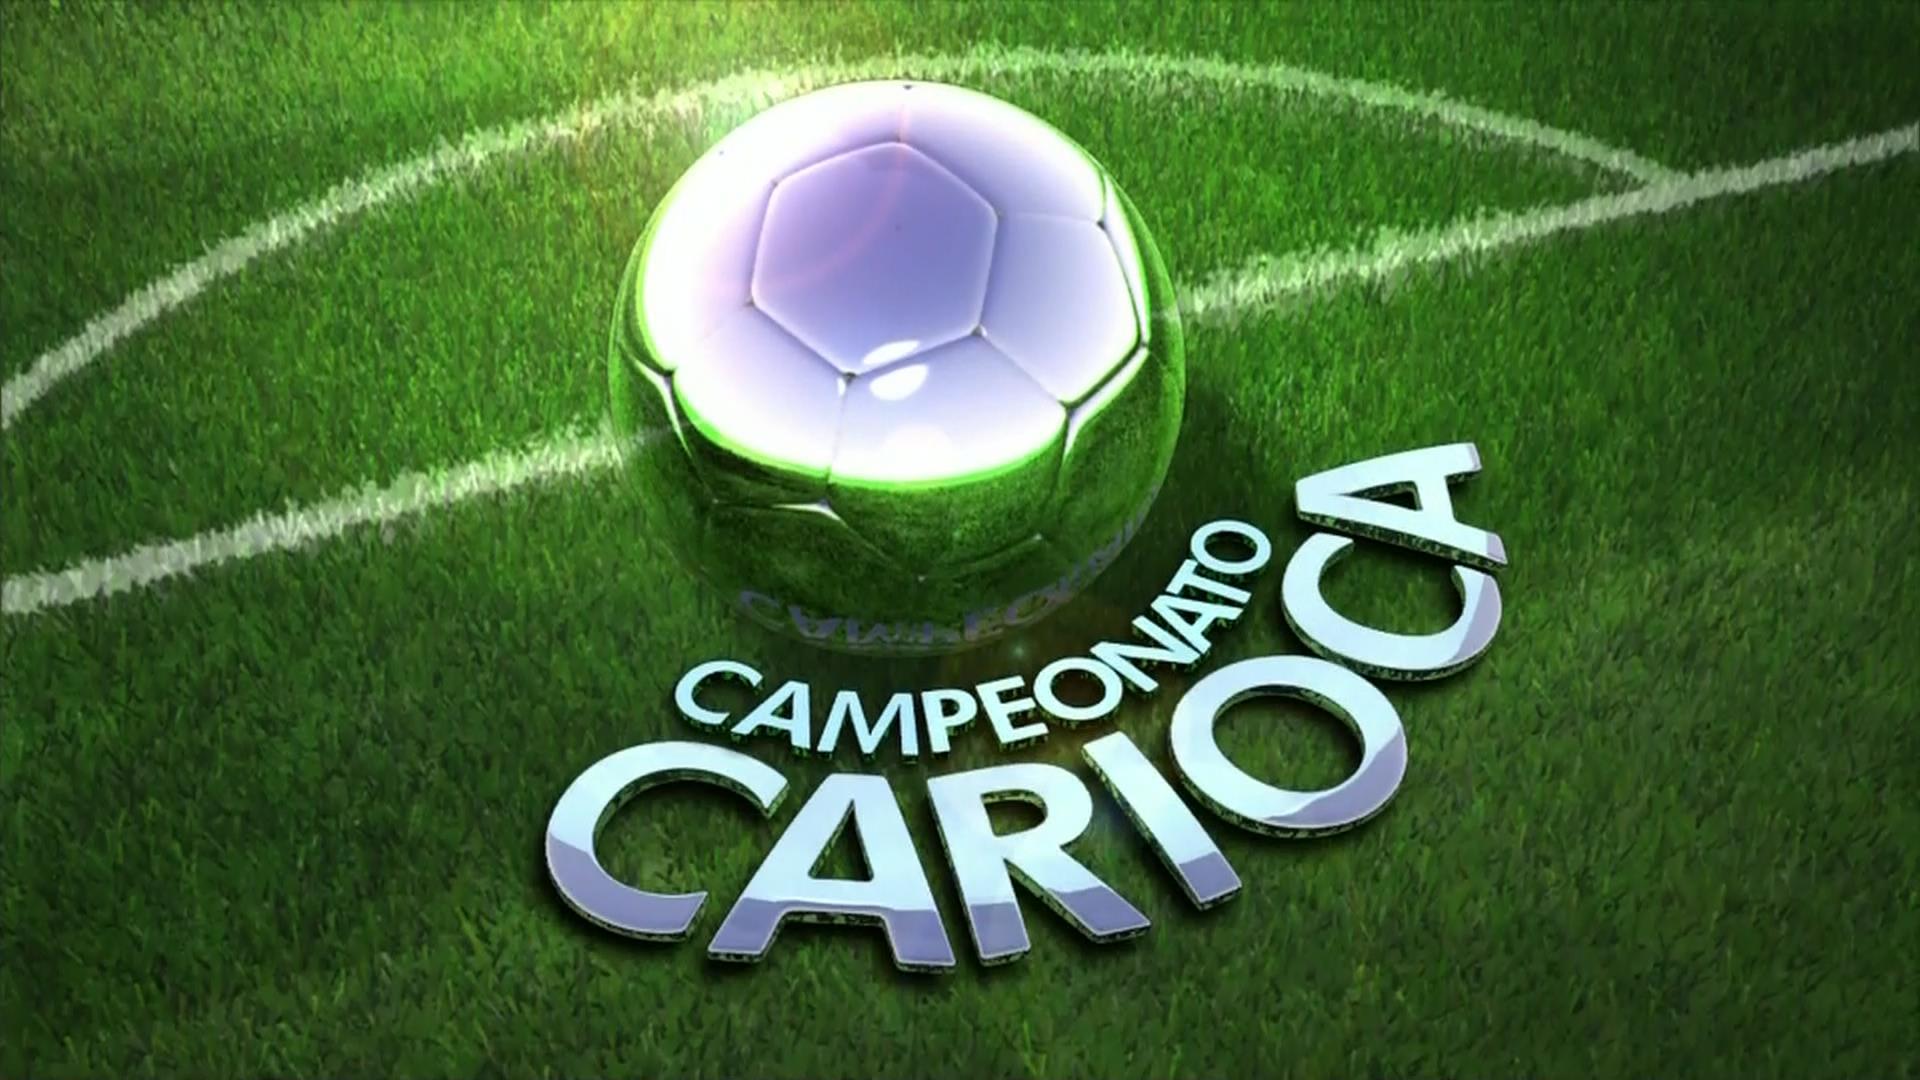 Campeonato Carioca come�a nesta quarta-feira para seis times; entenda